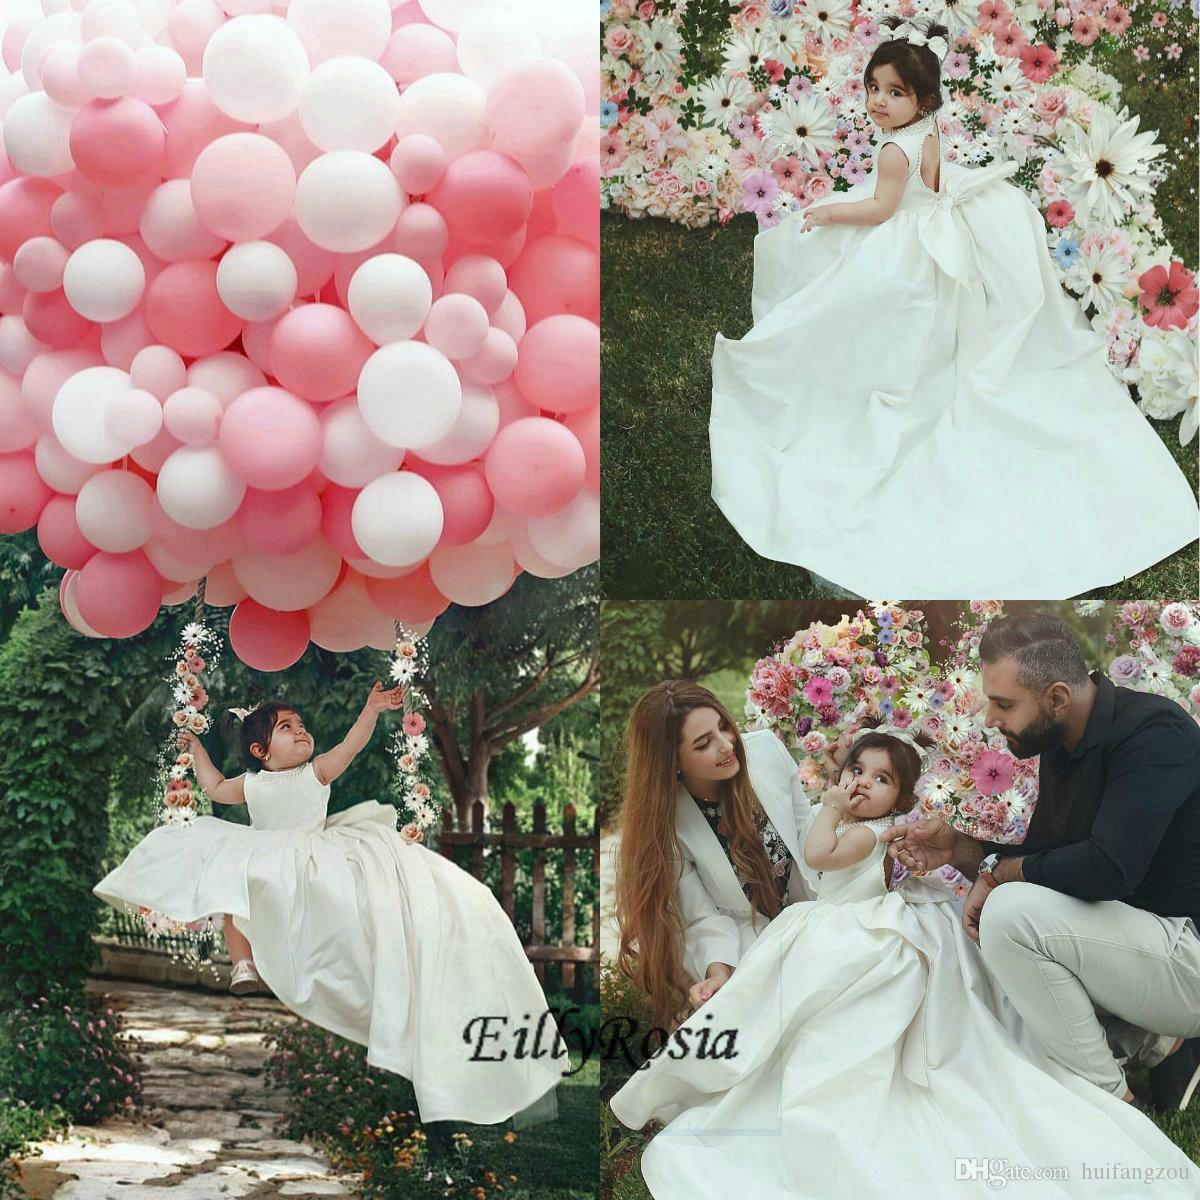 Elegant Ivory Flower Girl Dresses for Weddings Jewel Neck Sweetheart Beaded Back Bow Sweep Train Little Girls Pageant Wedding Dresses Kids